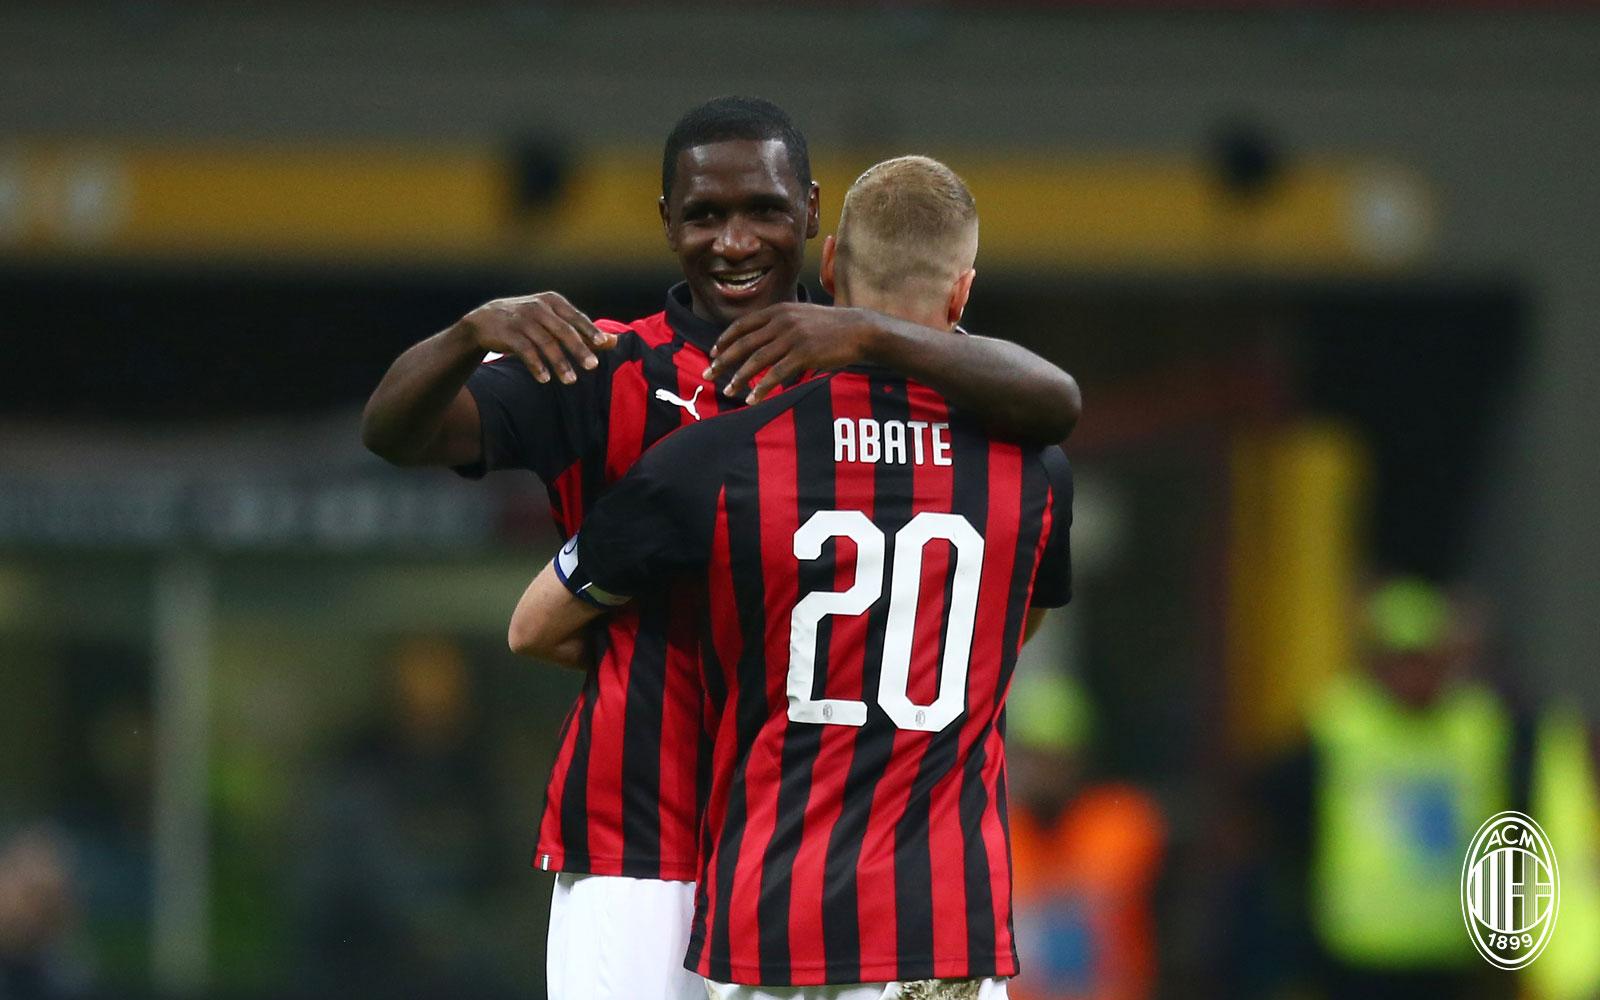 Cristian Zapata and Ignazio Abate celebrating during Milan-Bologna at Stadio San Siro on May 6, 2019. (@acmilan.com)